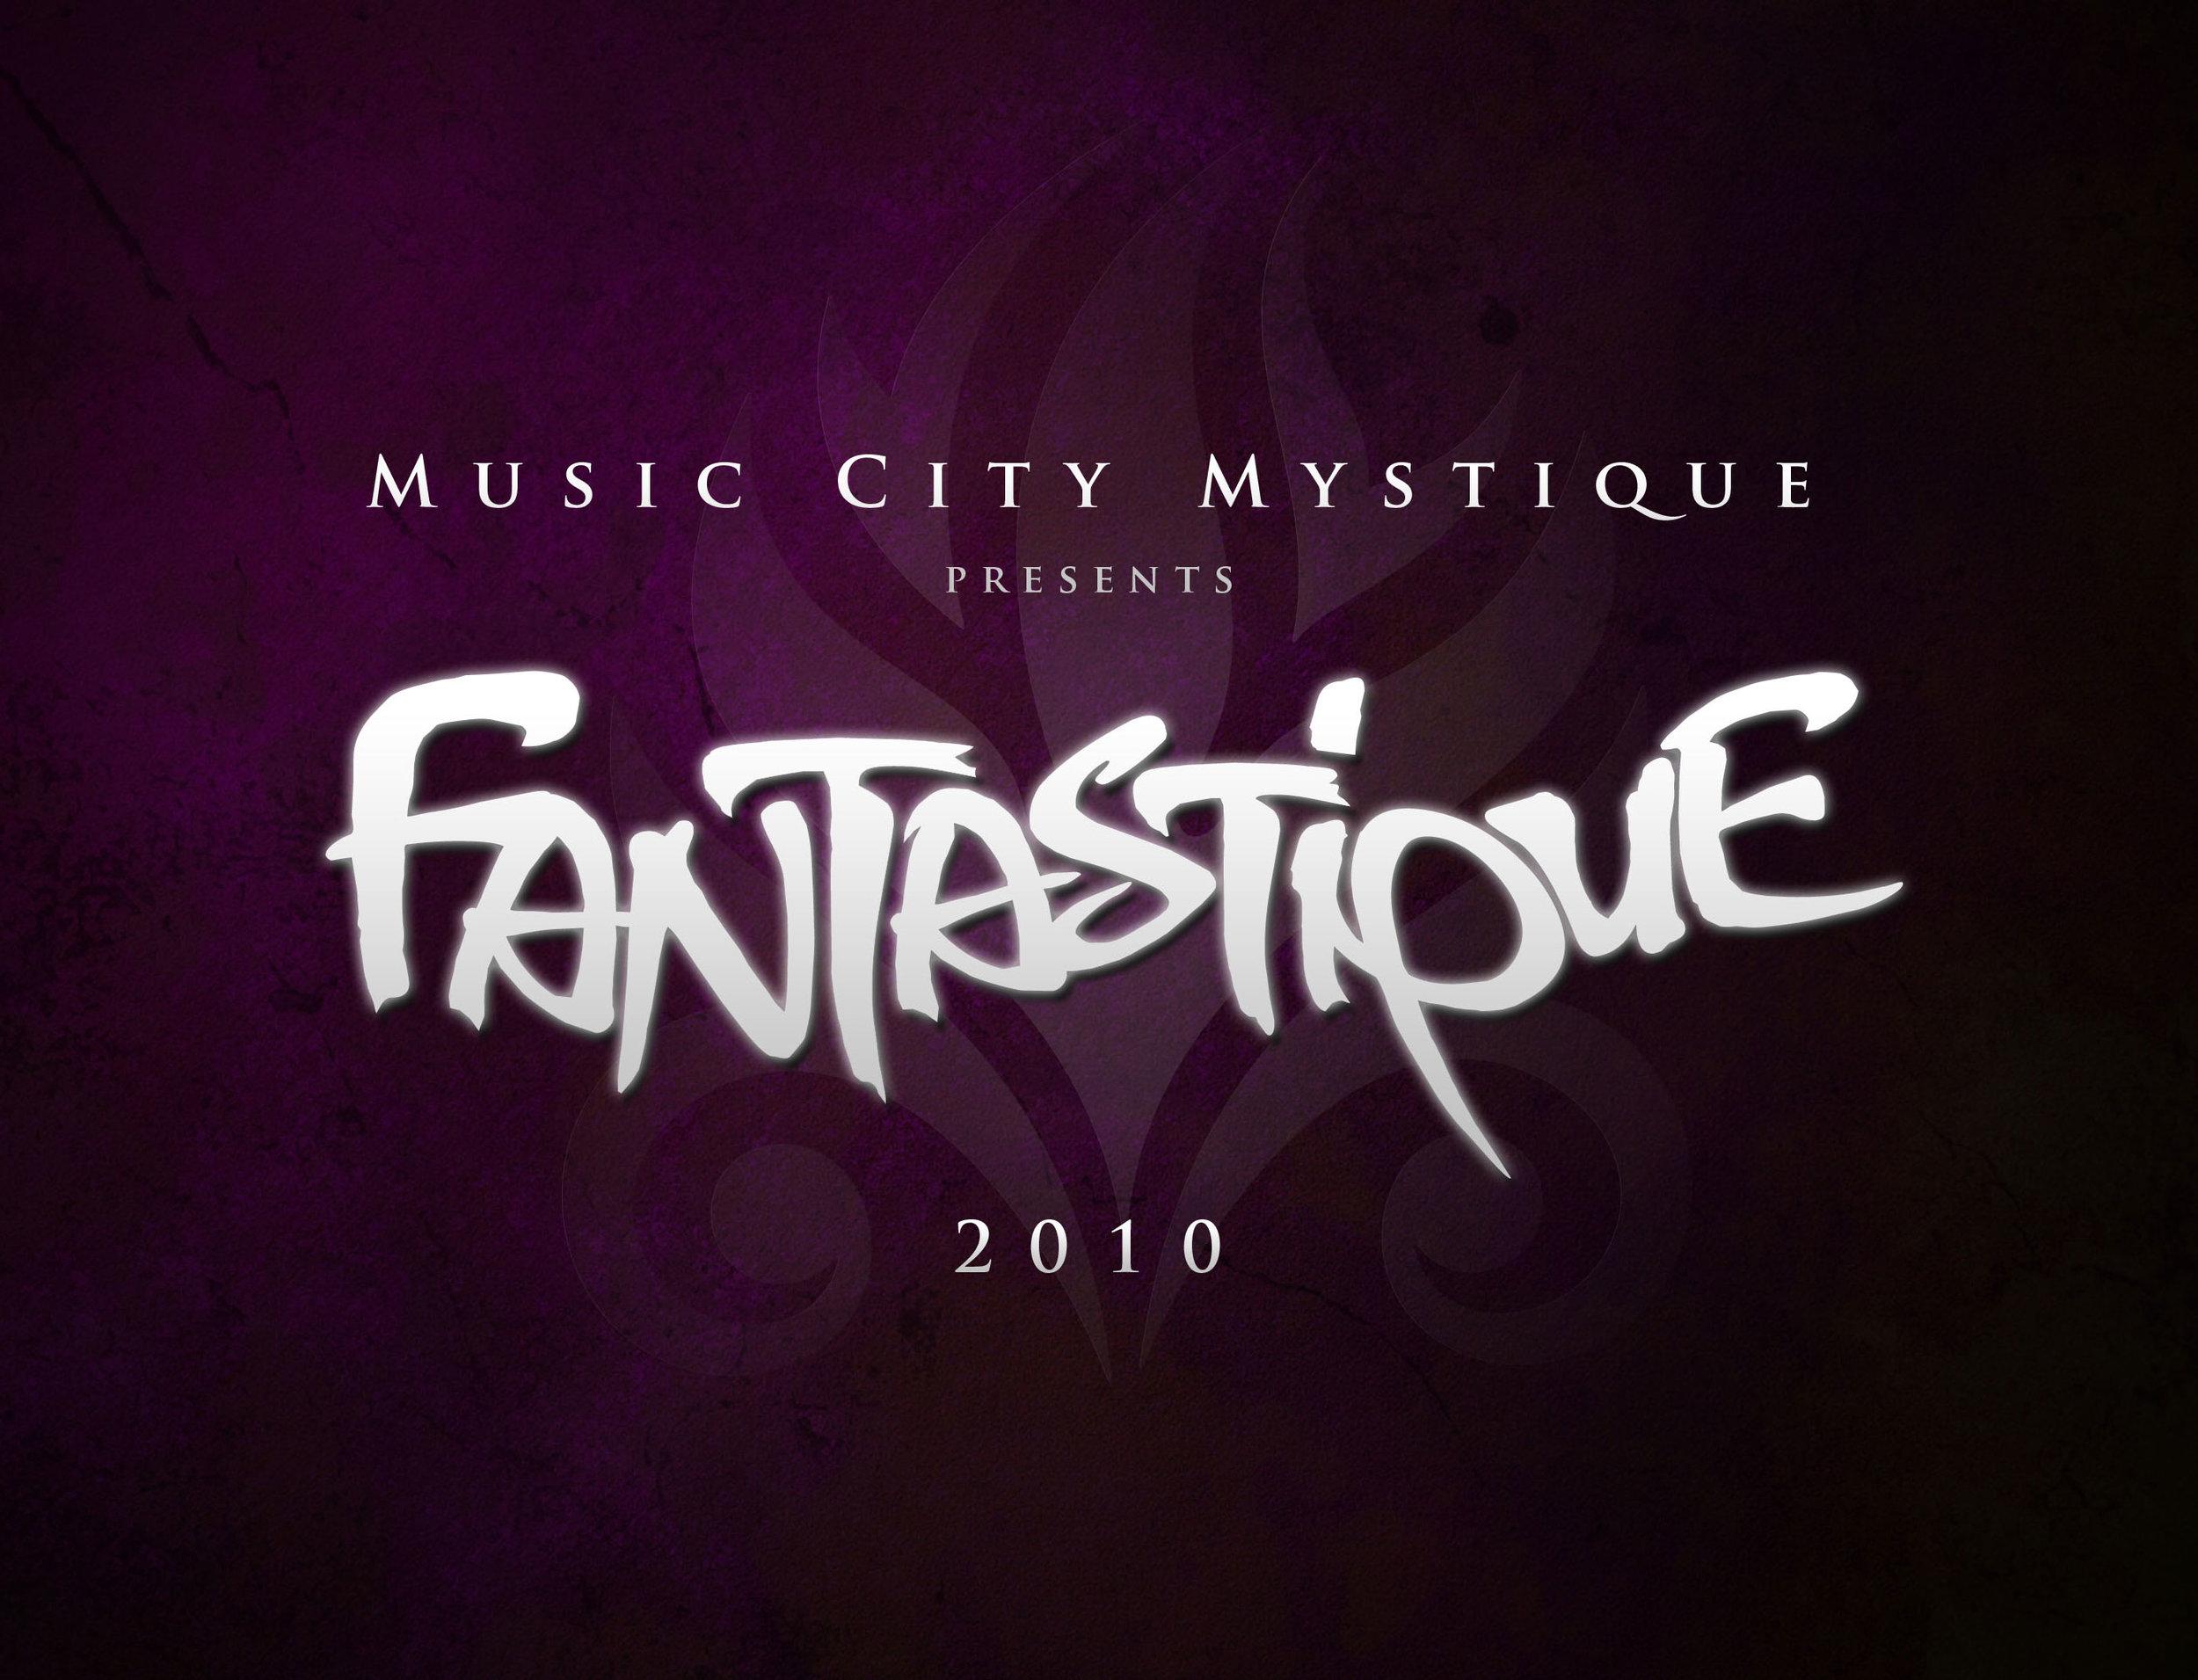 FANTASTIQUE-logo-1.jpg